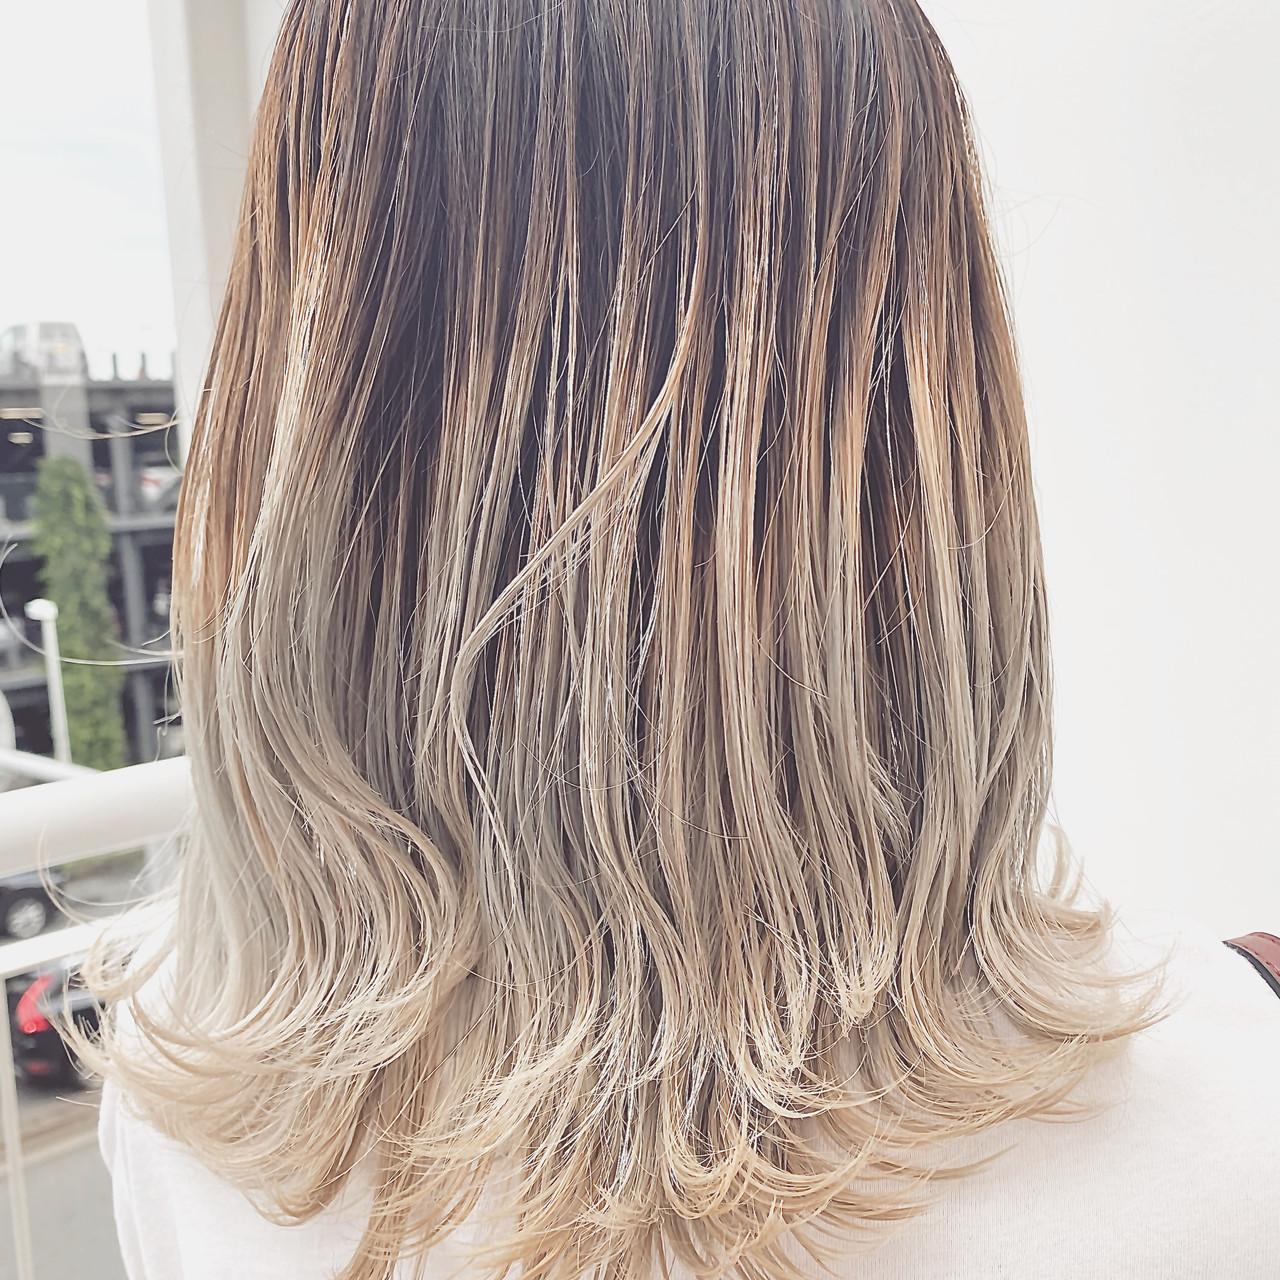 バレイヤージュ ストリート ミディアム グレージュ ヘアスタイルや髪型の写真・画像